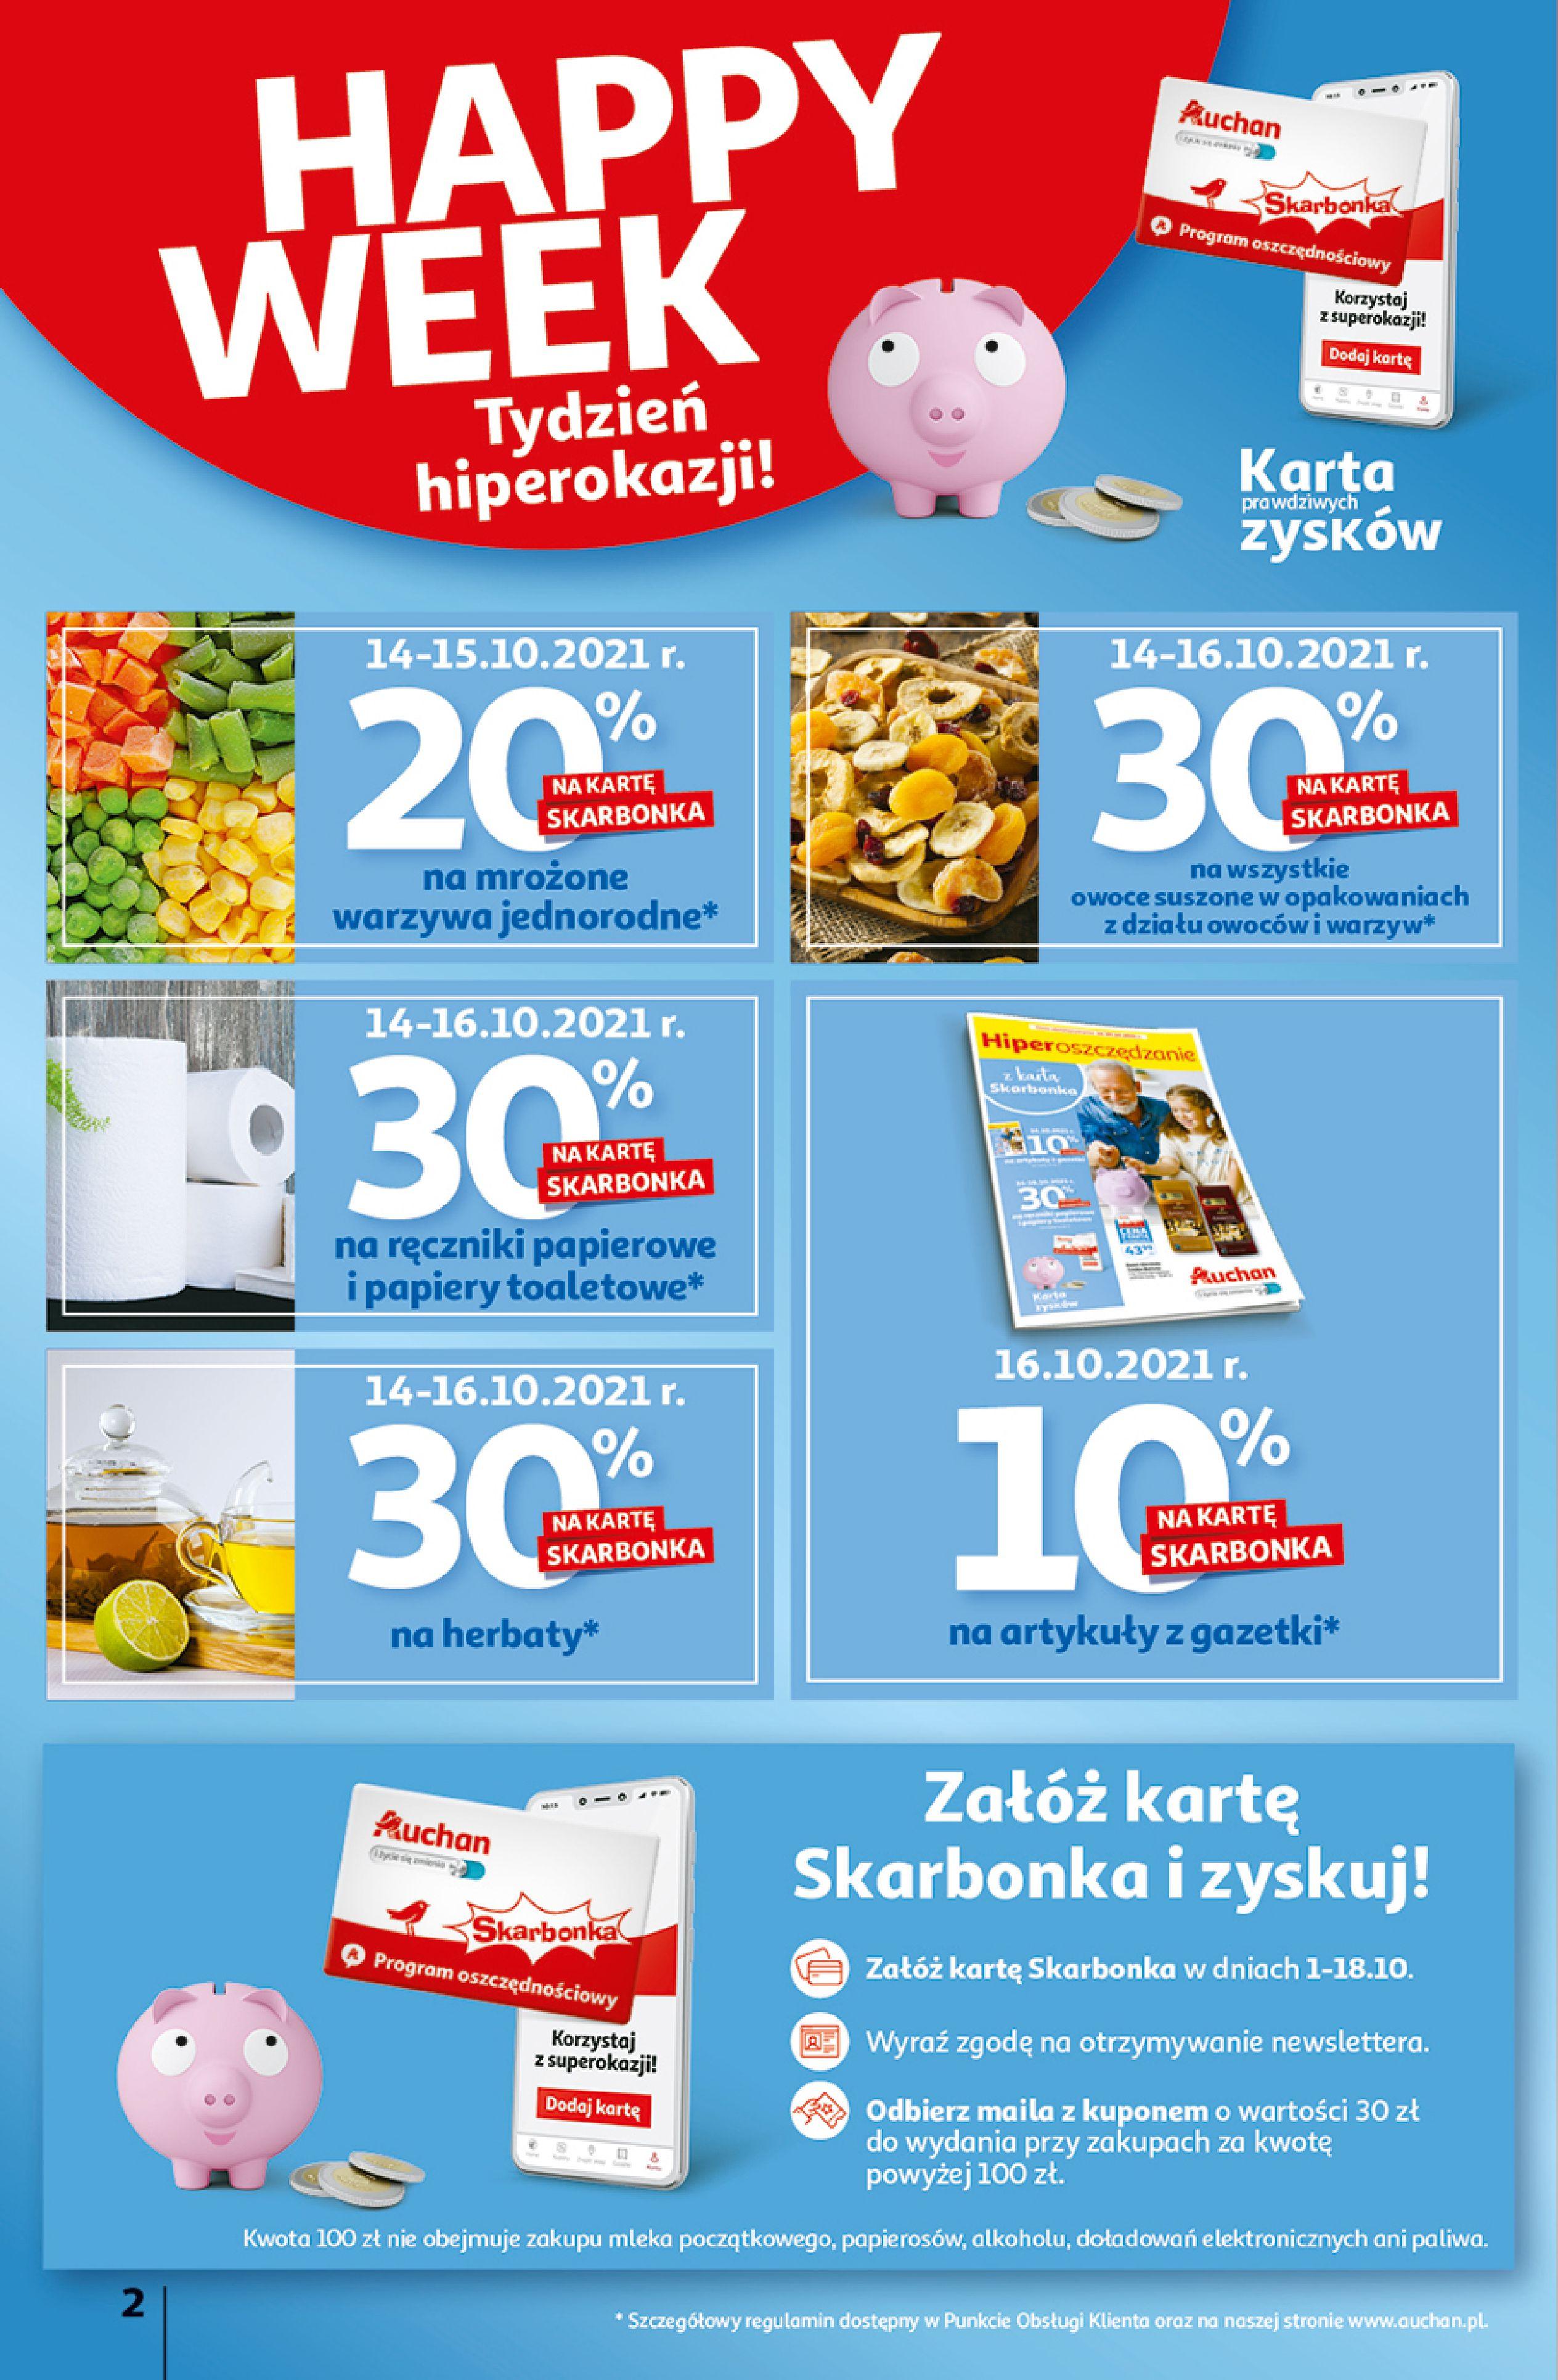 Gazetka Auchan: Gazetka Auchan - Hiperoszczędzanie z Kartą Skarbonka 2 Hipermarkety 2021-10-14 page-2